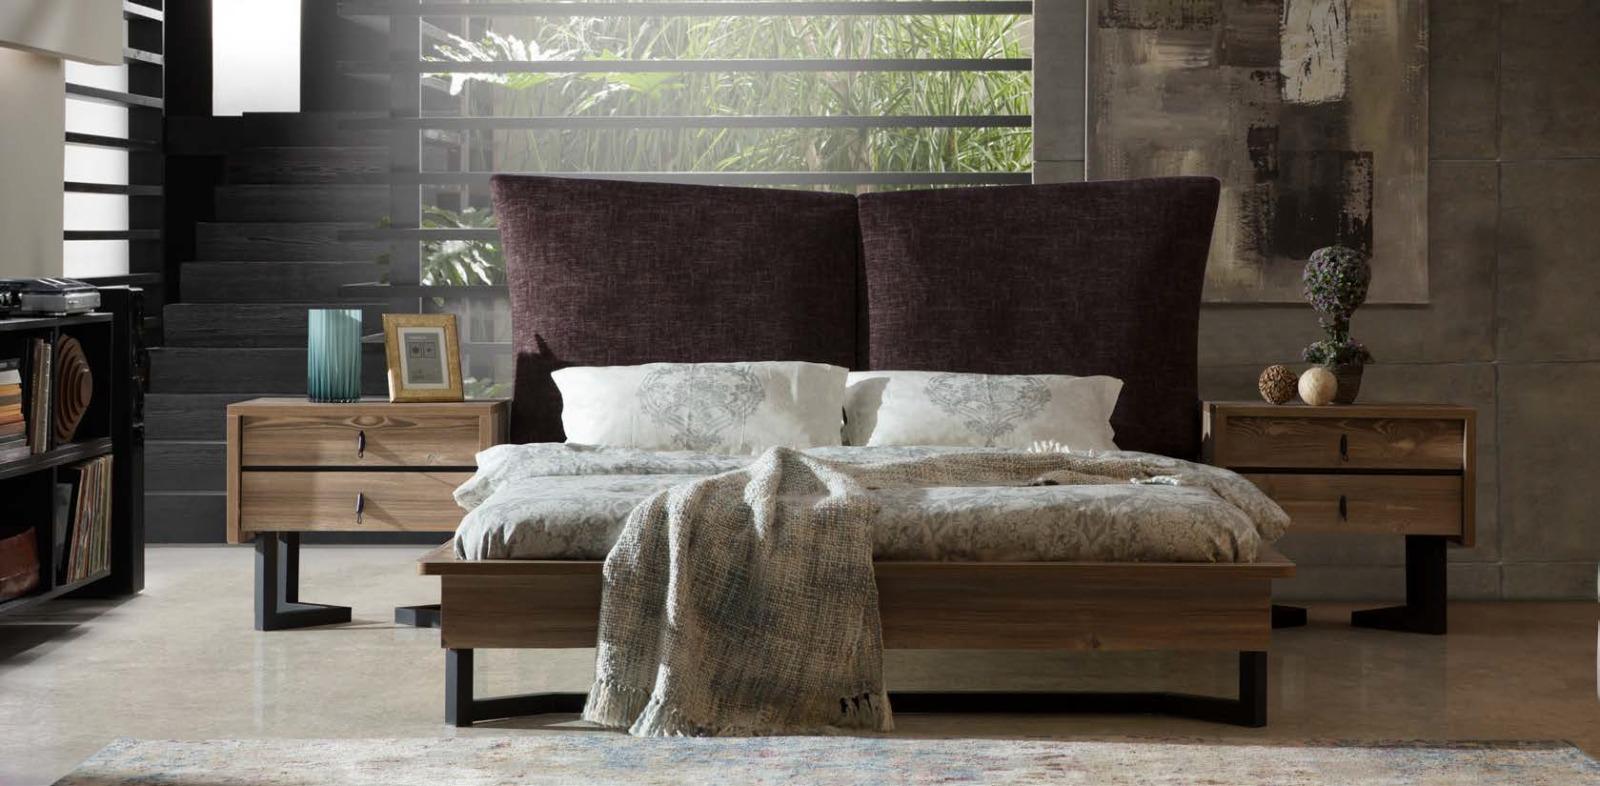 سرير و 2 كومودينو مودرن باللون الابيض و البني